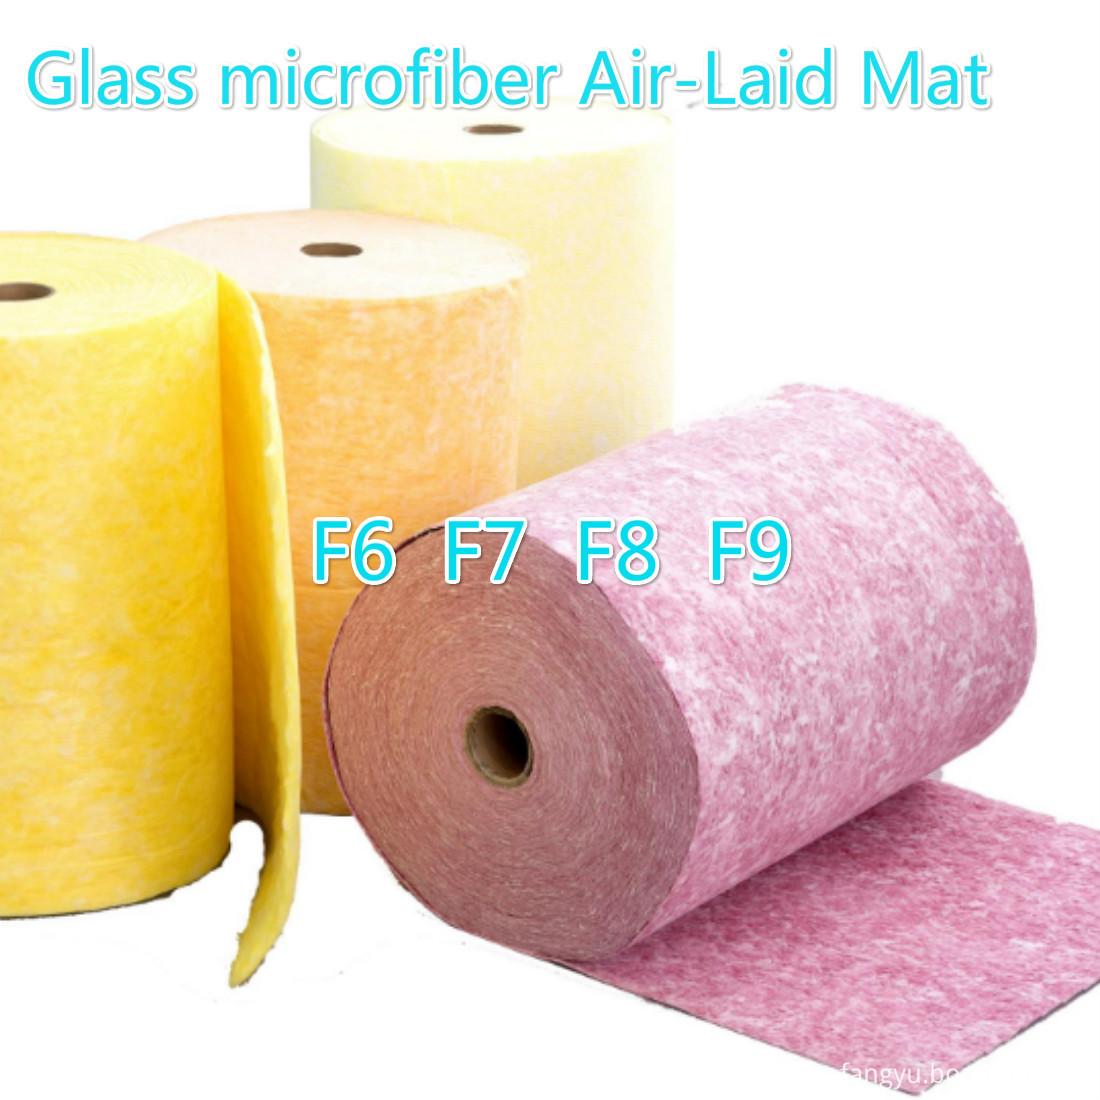 Glass microfiber Air-Laid Mat